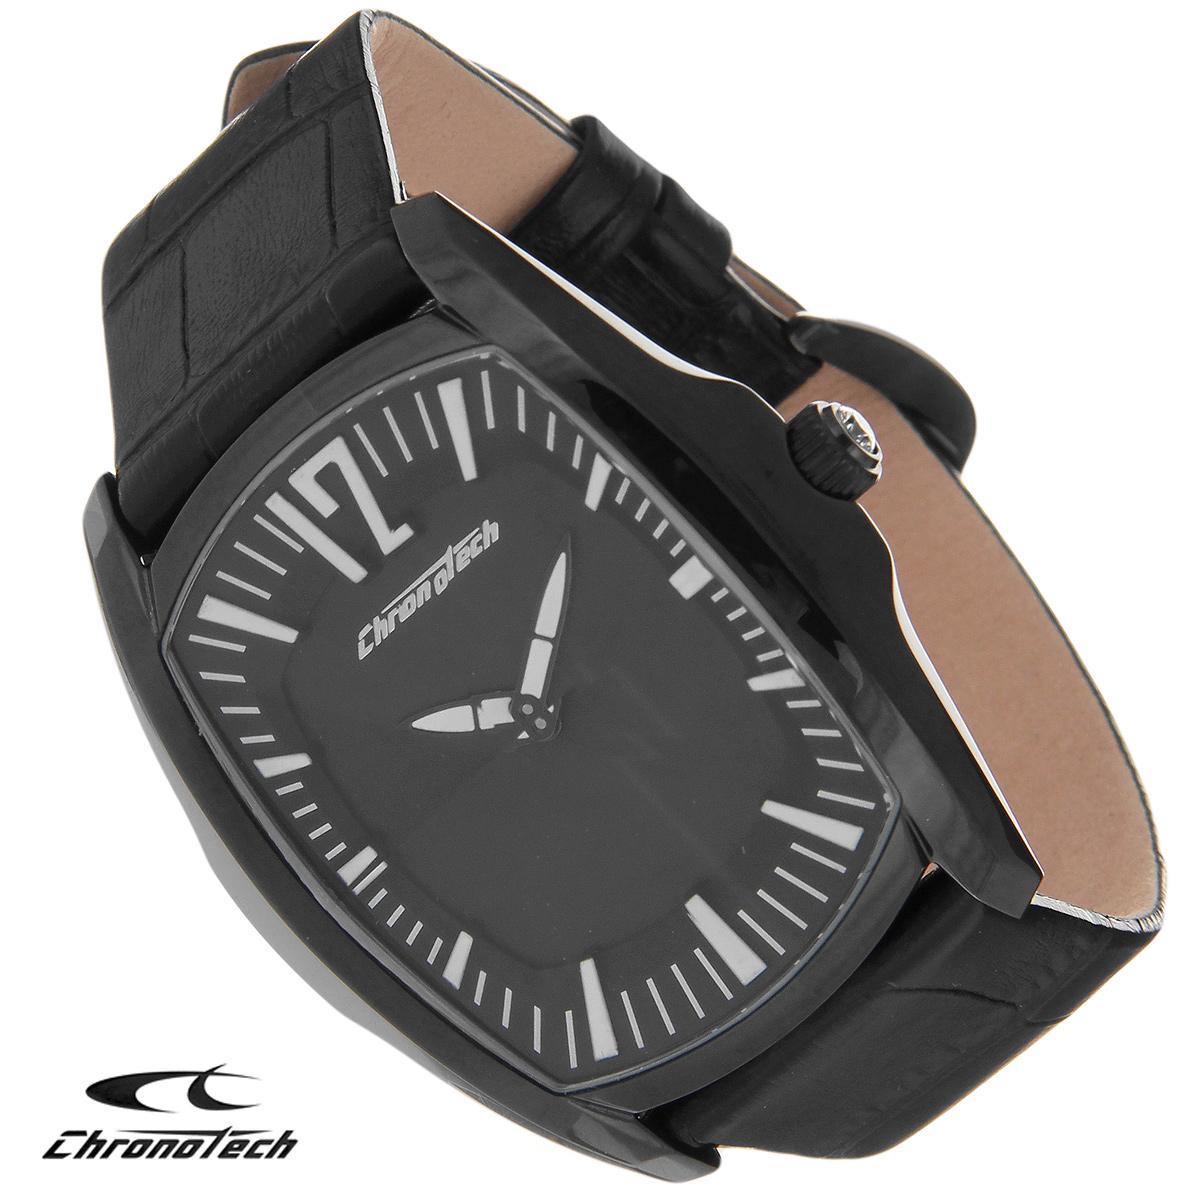 Часы мужские наручные Chronotech, цвет: черный. CT.7219M/03CT.7219M/03Часы Chronotech - это часы для современных и стильных людей, которые стремятся выделиться из толпы и подчеркнуть свою индивидуальность. Корпус часов выполнен из нержавеющей стали с PVD-покрытием. Циферблат оформлен отметками и защищен минеральным стеклом. Часы имеют две стрелки - часовую и минутную. Стрелки светятся в темноте. Ремешок часов выполнен из натуральной кожи и застегивается на классическую застежку. Часы упакованы в фирменную коробку с логотипом компании Chronotech. Такой аксессуар добавит вашему образу стиля и подчеркнет безупречный вкус своего владельца. Характеристики: Размер циферблата: 3 см х 4 см. Размер корпуса: 4 см х 5 см х 1 см. Длина ремешка (с корпусом): 23,5 см. Ширина ремешка: 2 см.